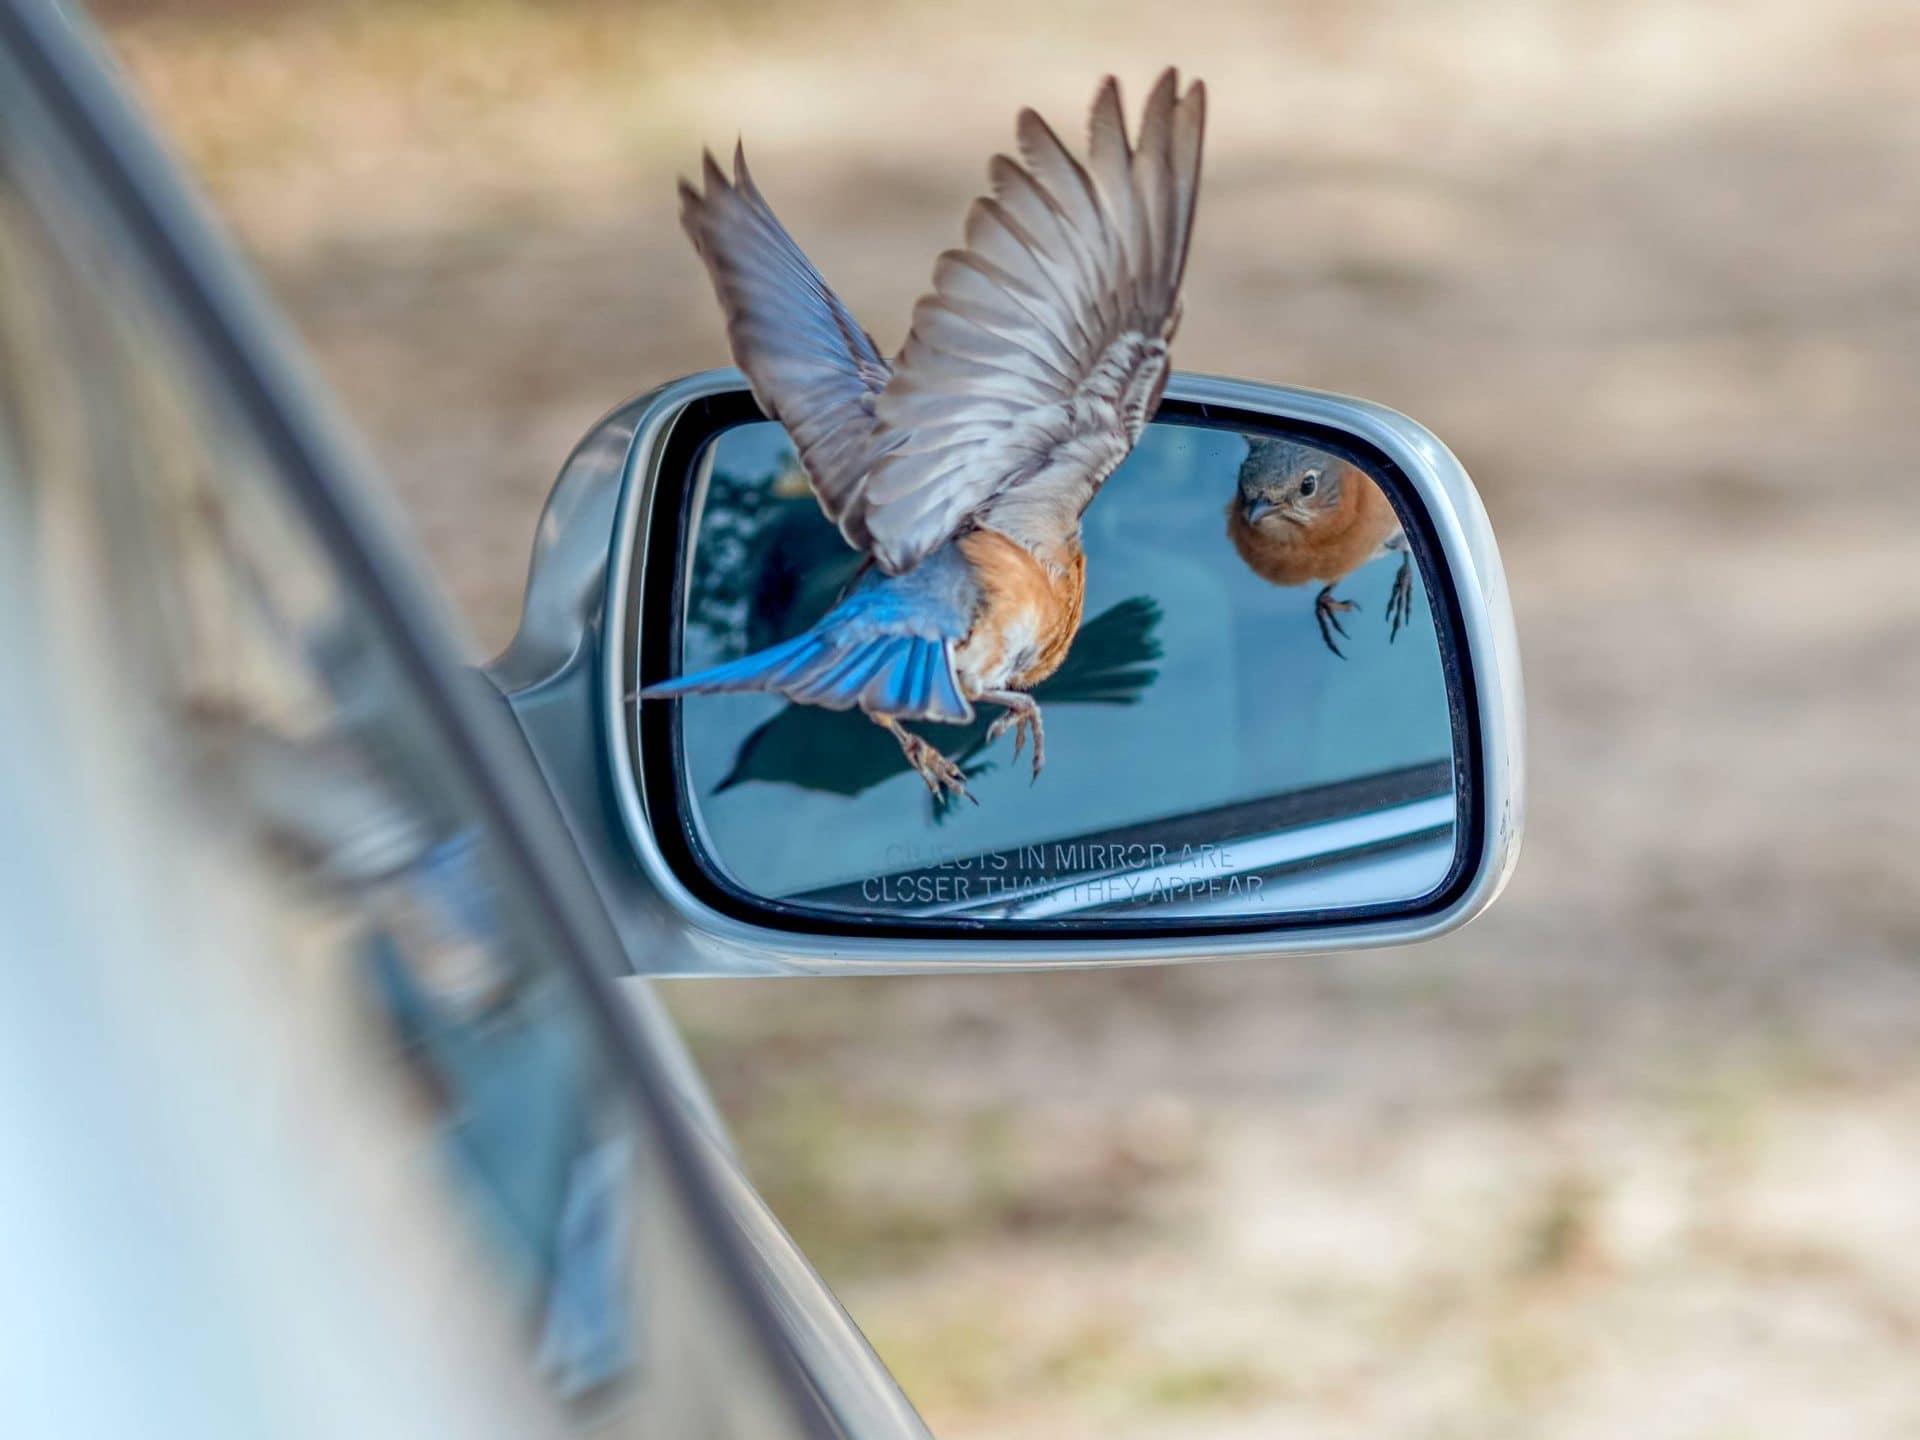 Птица на боковом зеркальце машины